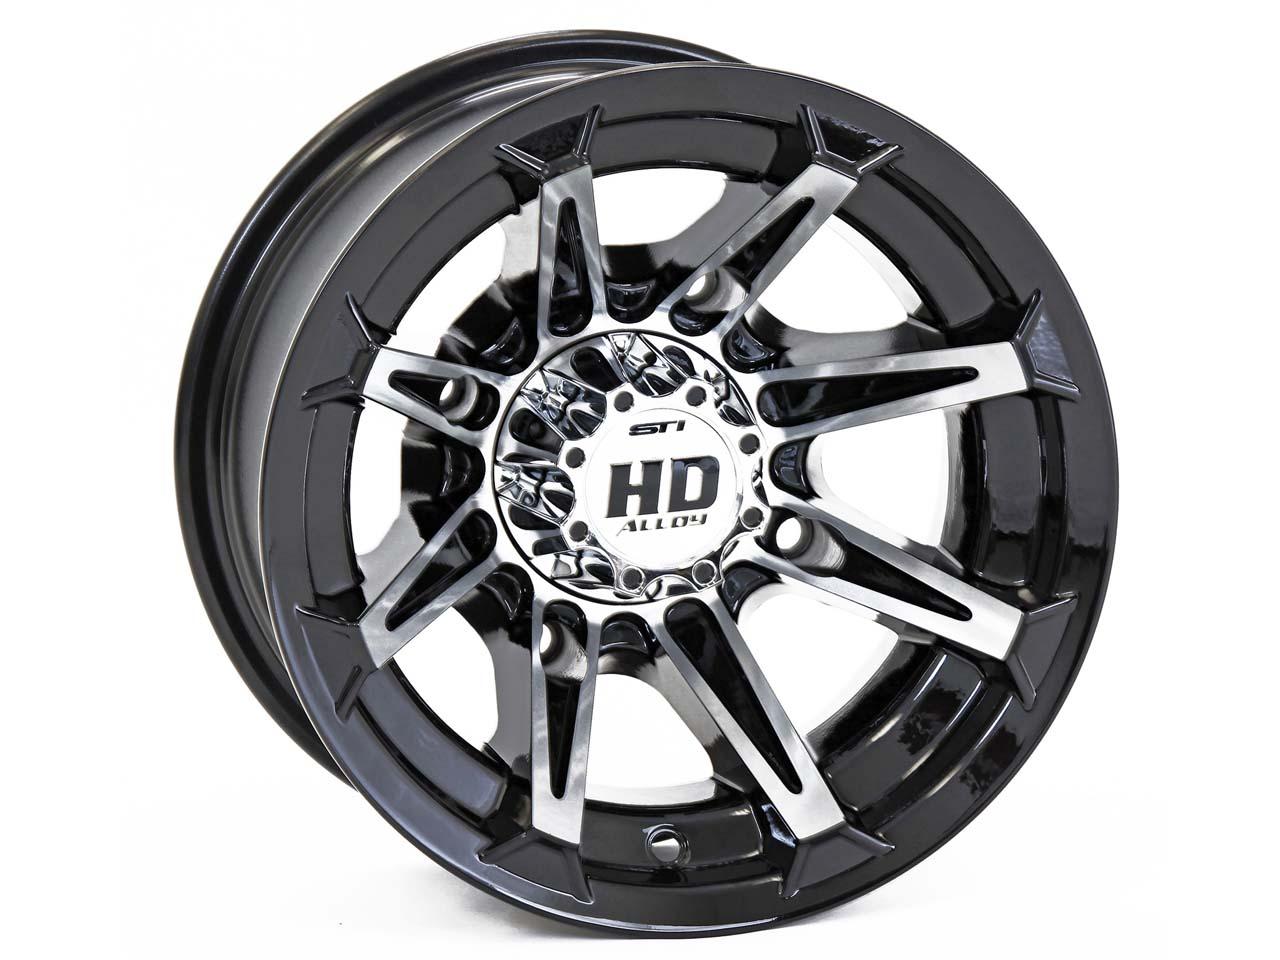 Tires And Rims Polaris Atv Tires And Rims